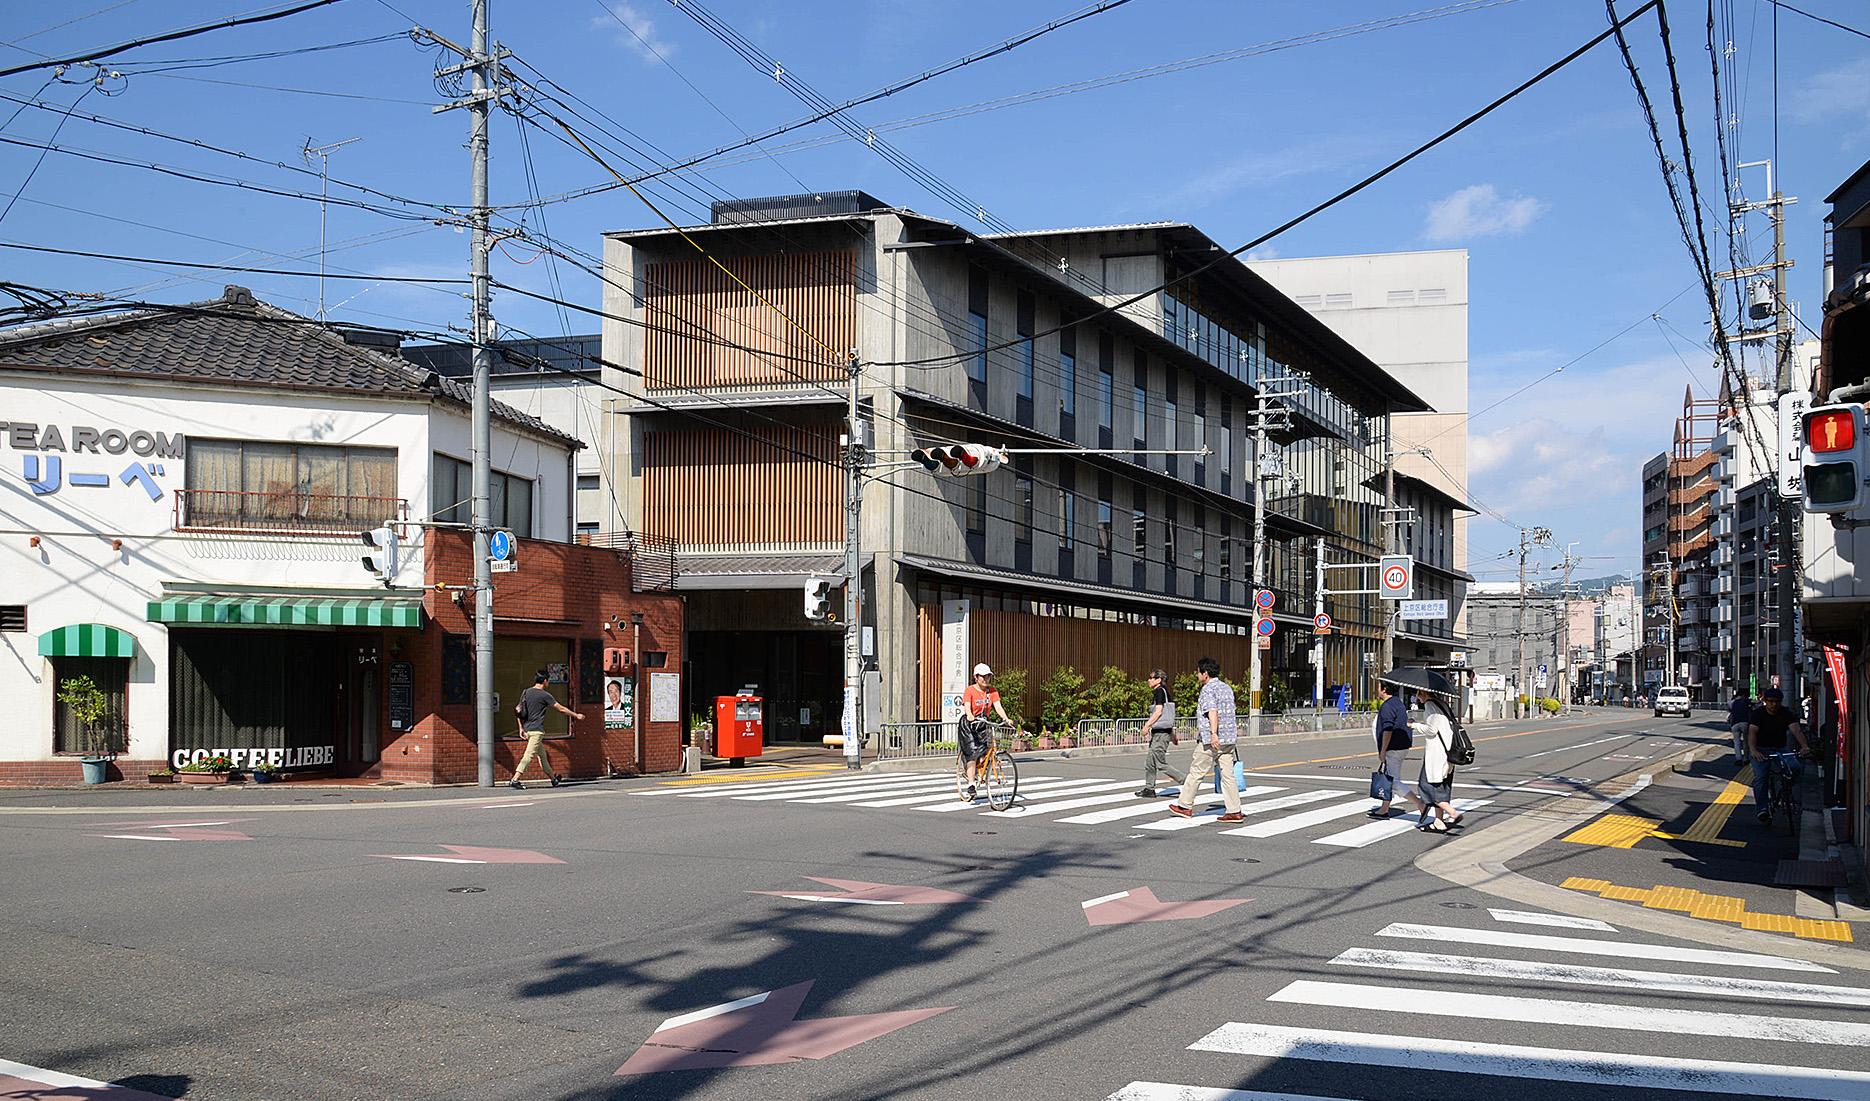 สำนักงานเขตคะมิเกียวในเกียวโต อ่อนน้อมถ่อมตนต่อทุกคน เป็นมิตรต่อสิ่งแวดล้อม